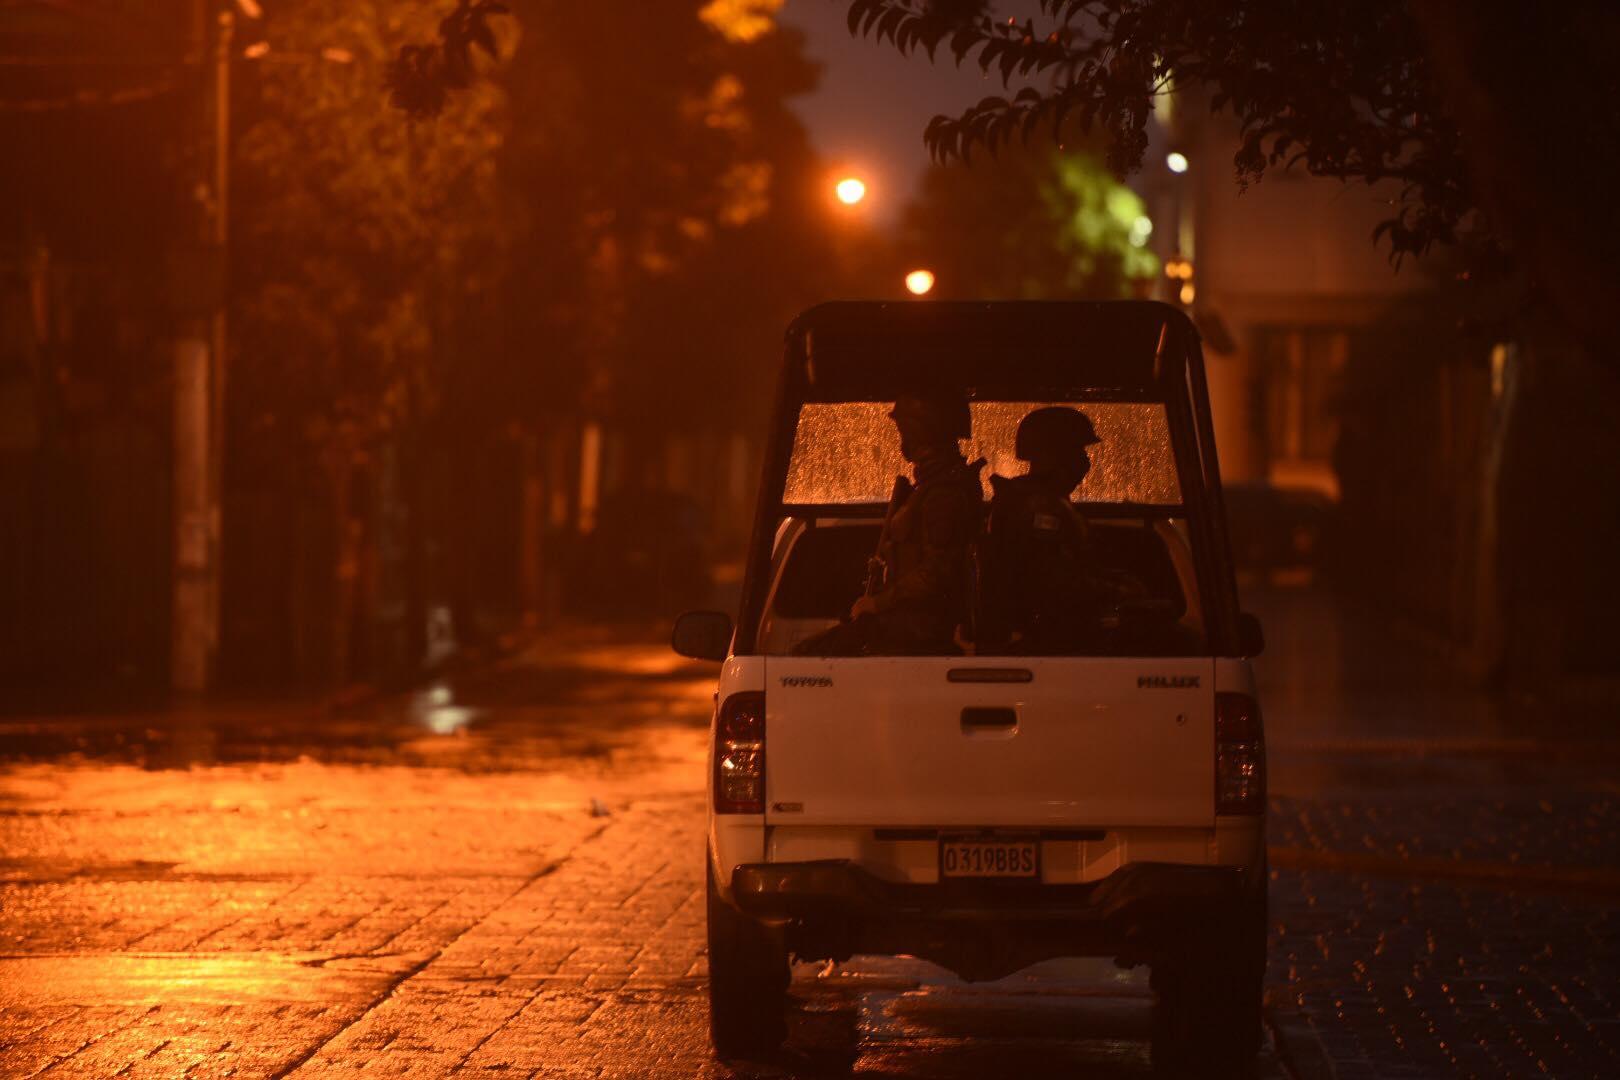 Ejecutivo publica decreto para prorrogar estado de Calamidad por 30 días